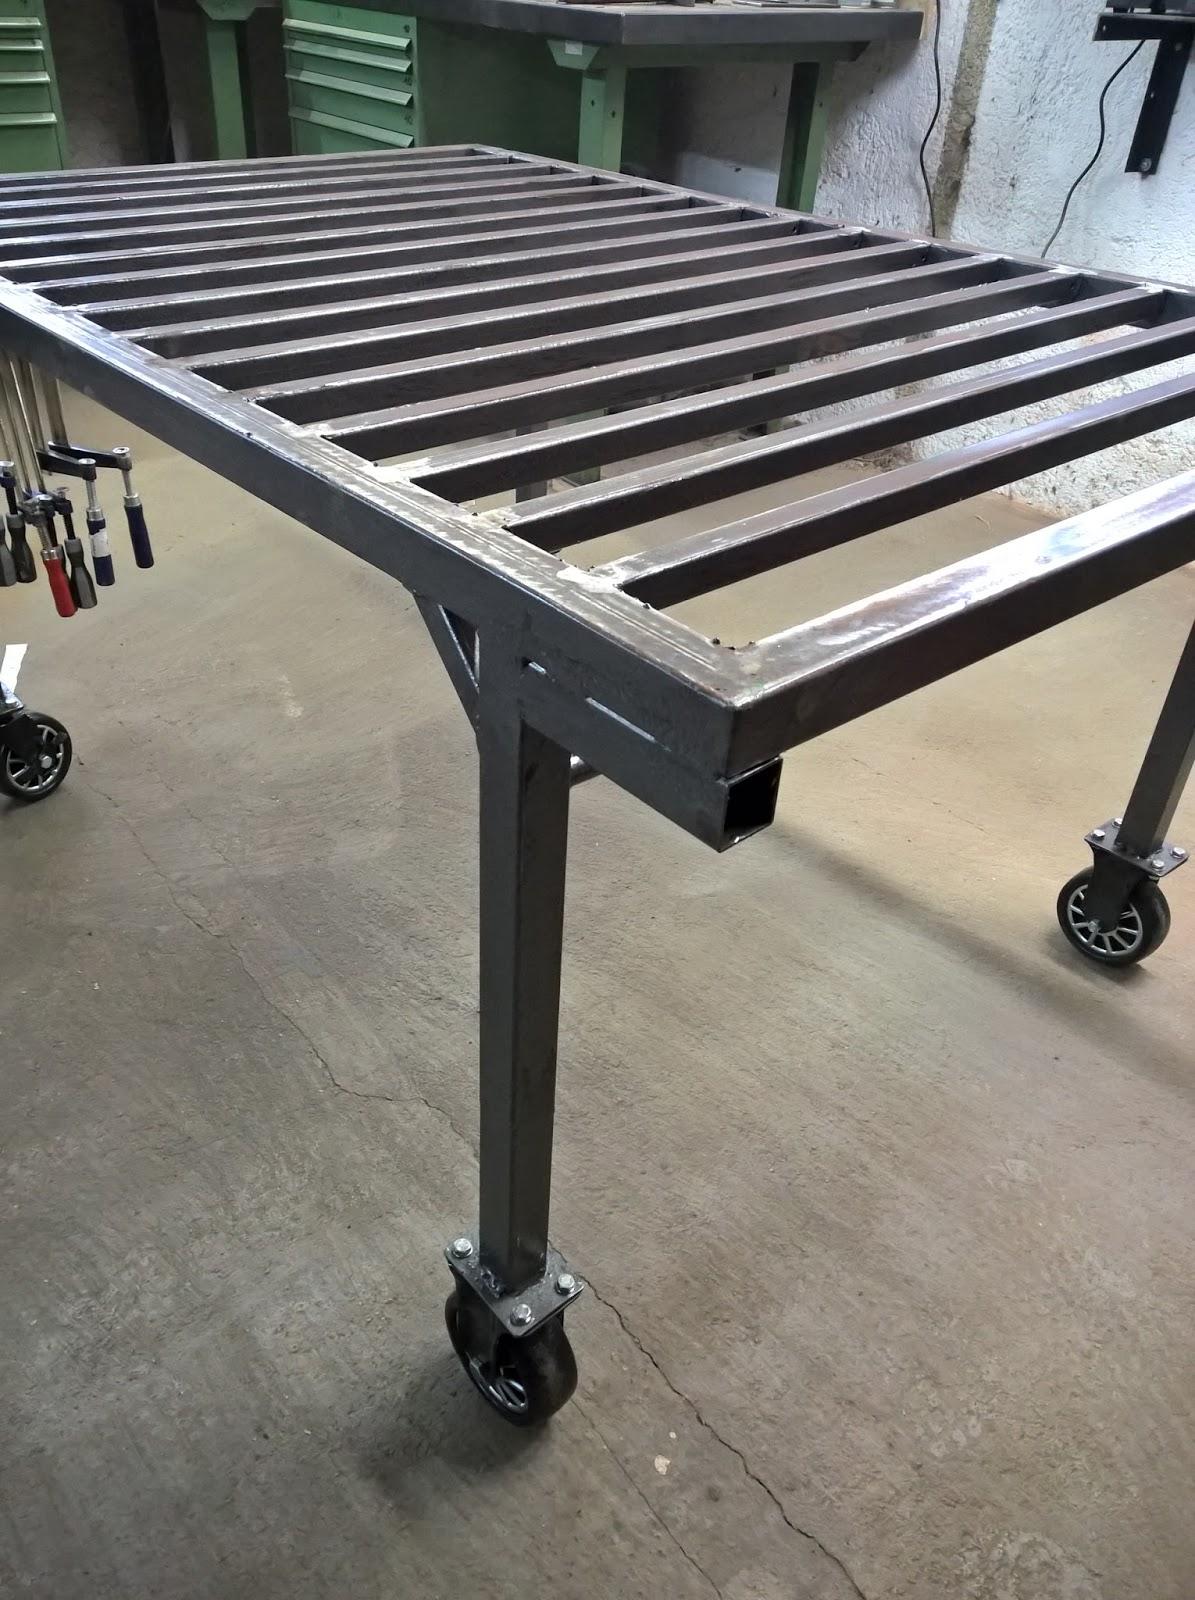 holz und metall ein heimwerkerblog schwei tisch bauen. Black Bedroom Furniture Sets. Home Design Ideas